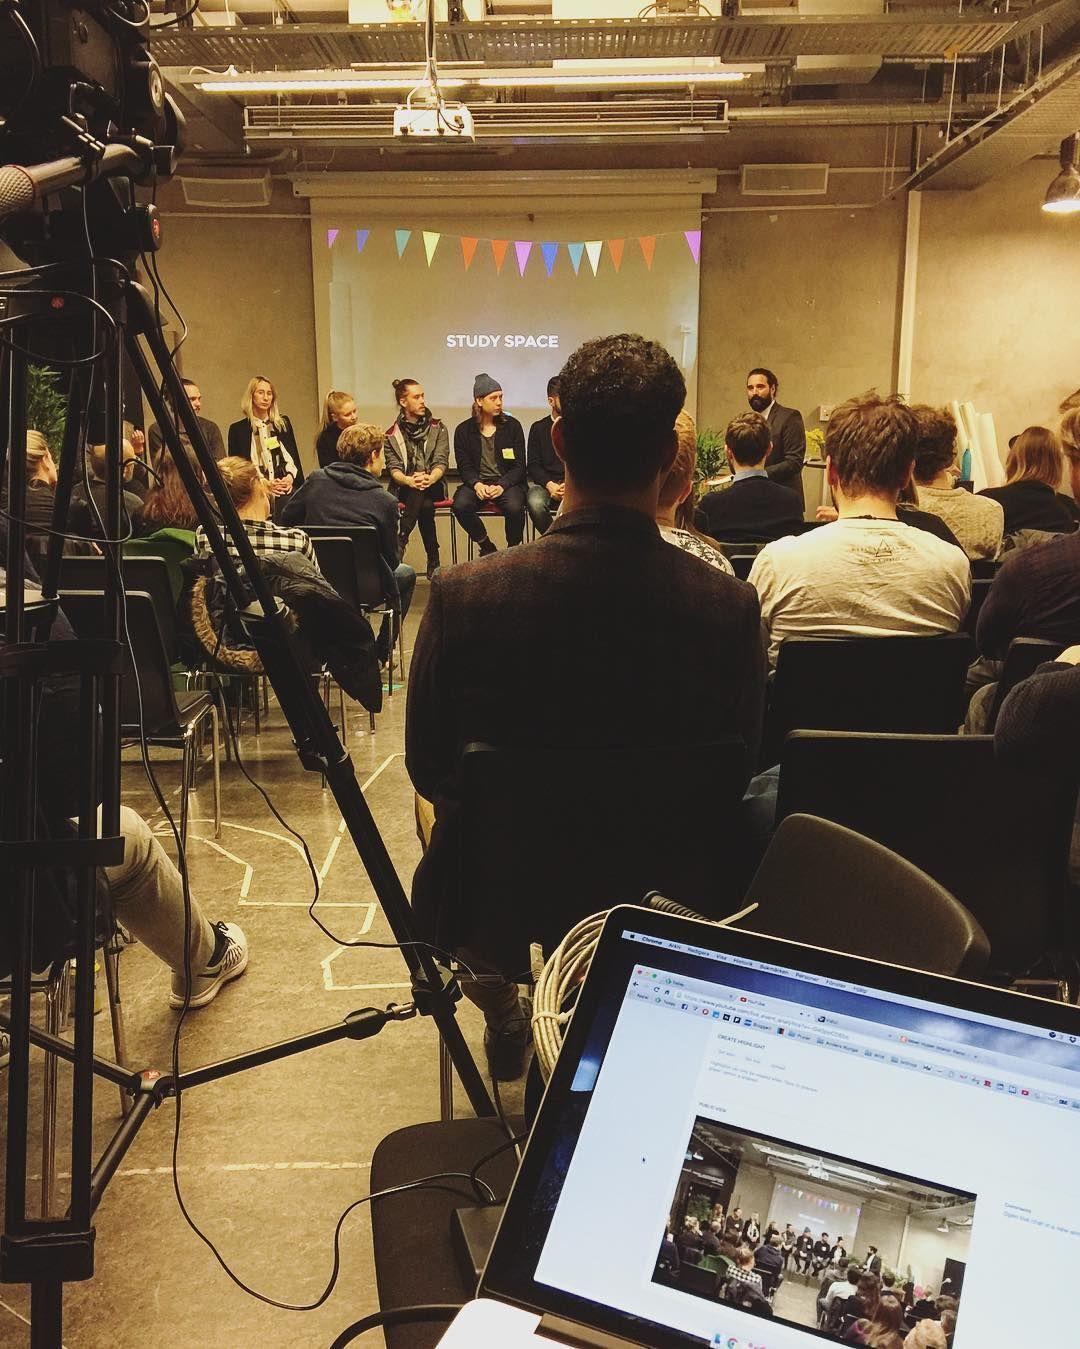 Igår gjorde vi något vi aldrig gjort förut vi sände live. Paneldiskussion med hypers och det gick riktigt smooth. Tack för möjligheten @hyperisland och @cmeldre  ---- #teradek #livestream #videoproduktion #hyperisland by bjornhultmedia